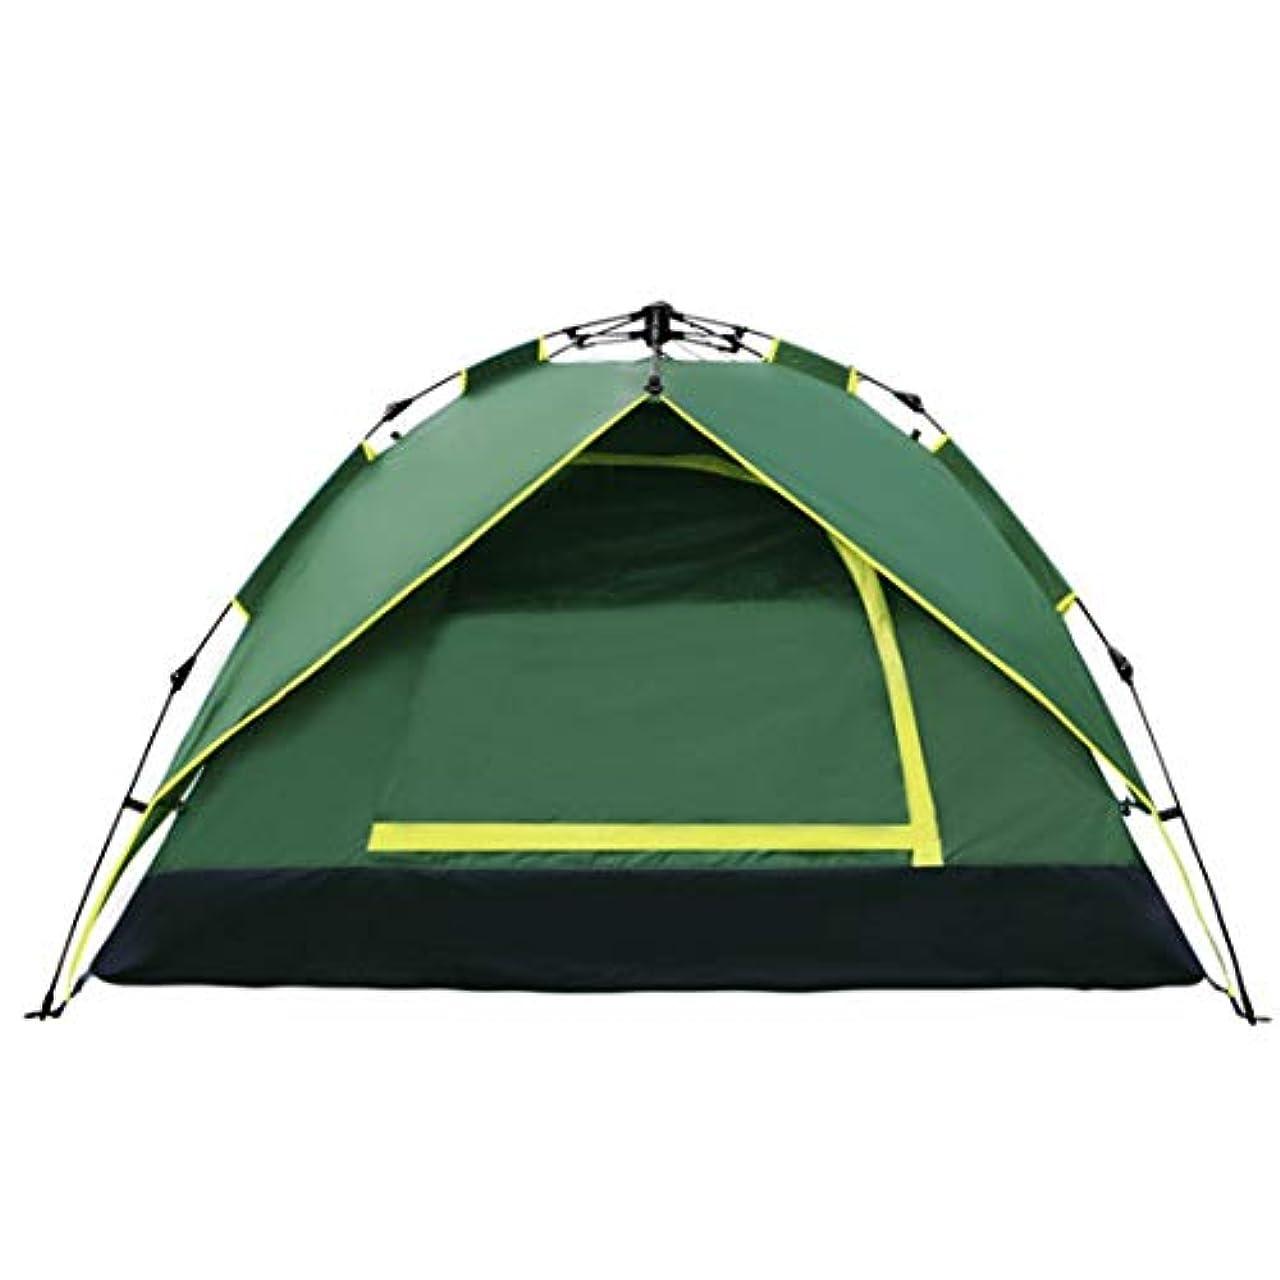 慰めシエスタ段階方朝日スポーツ用品店 二重層の防水ガラス繊維のポーランド人が付いている屋外のキャンプのためのキャンプテント。 (色 : オレンジ, サイズ : 3-4P)